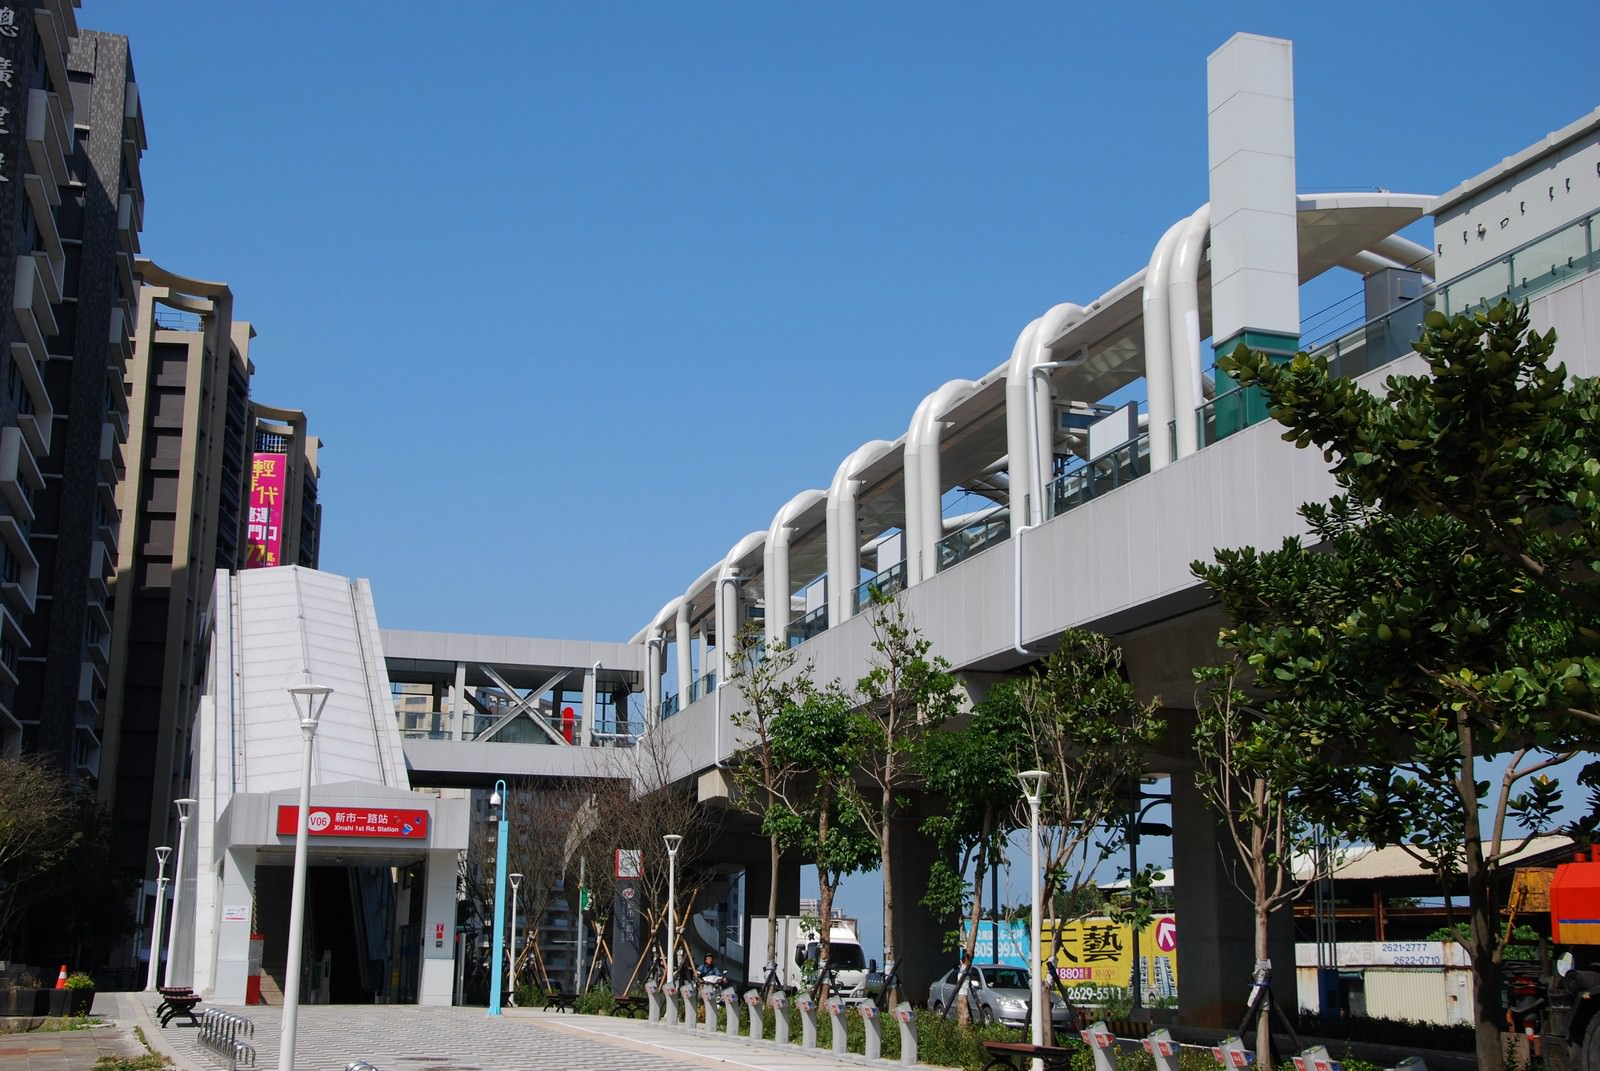 淡海輕軌綠山線, 輕軌新市一路站, 車站建築主體